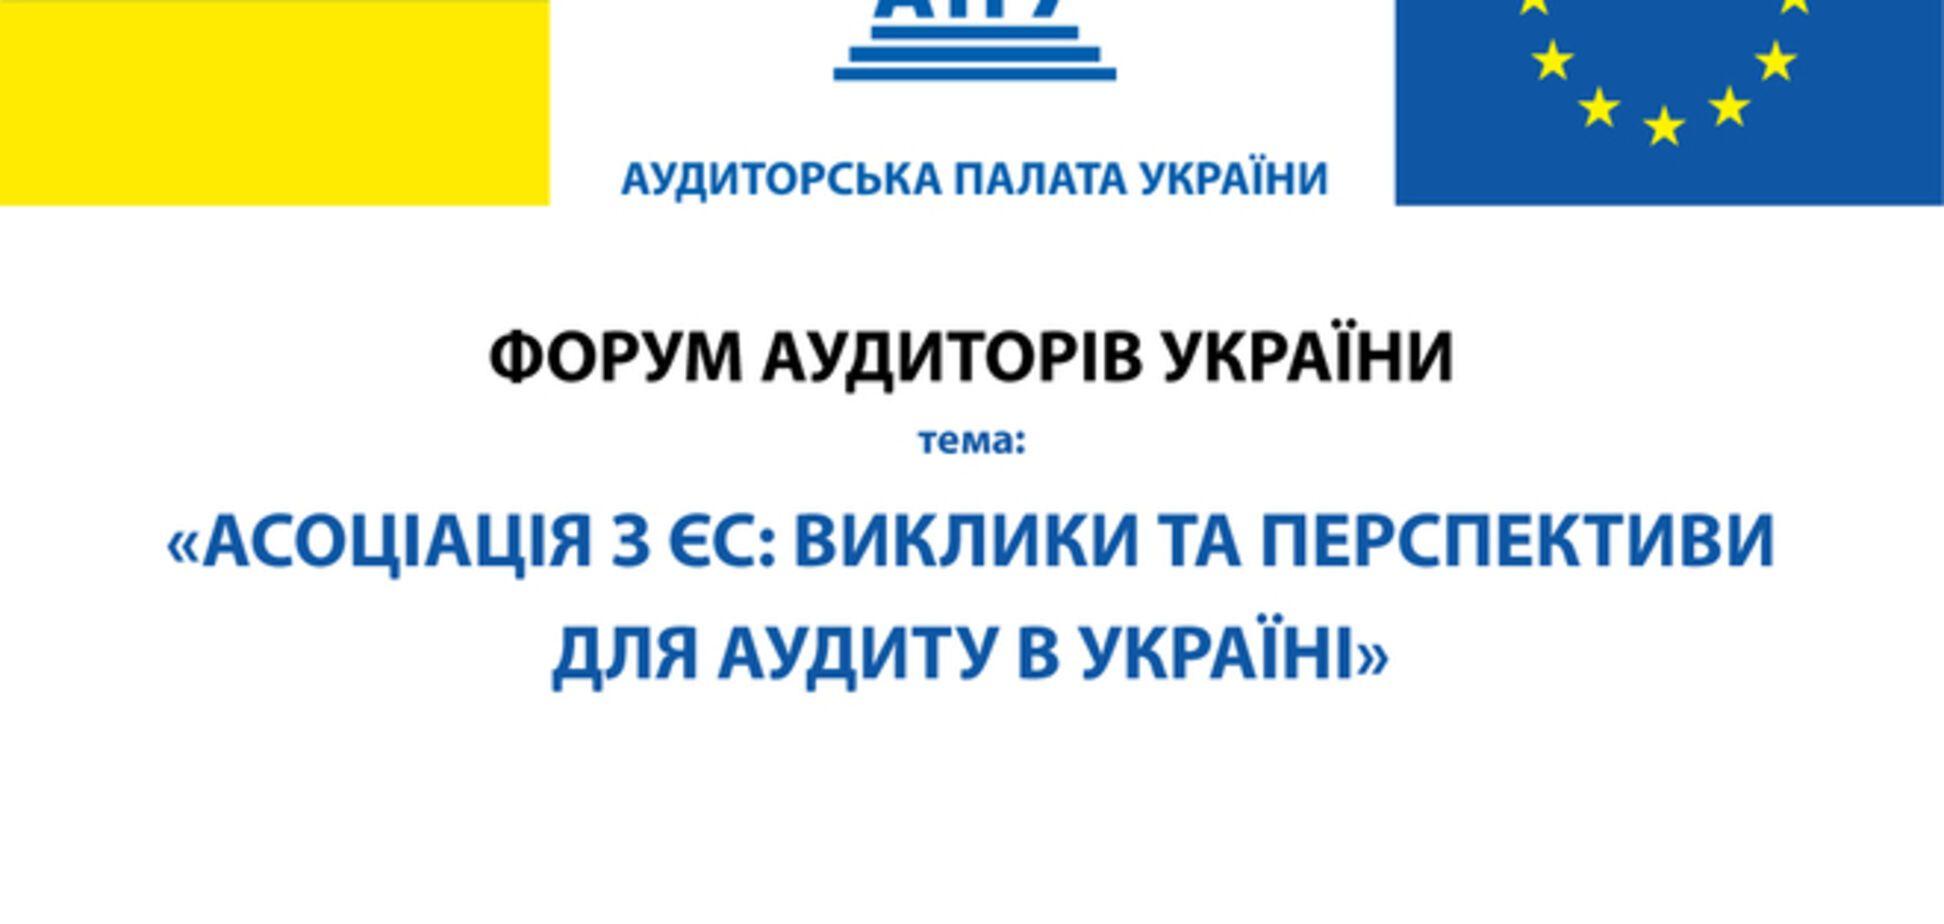 Украинский аудит: европейские стремления